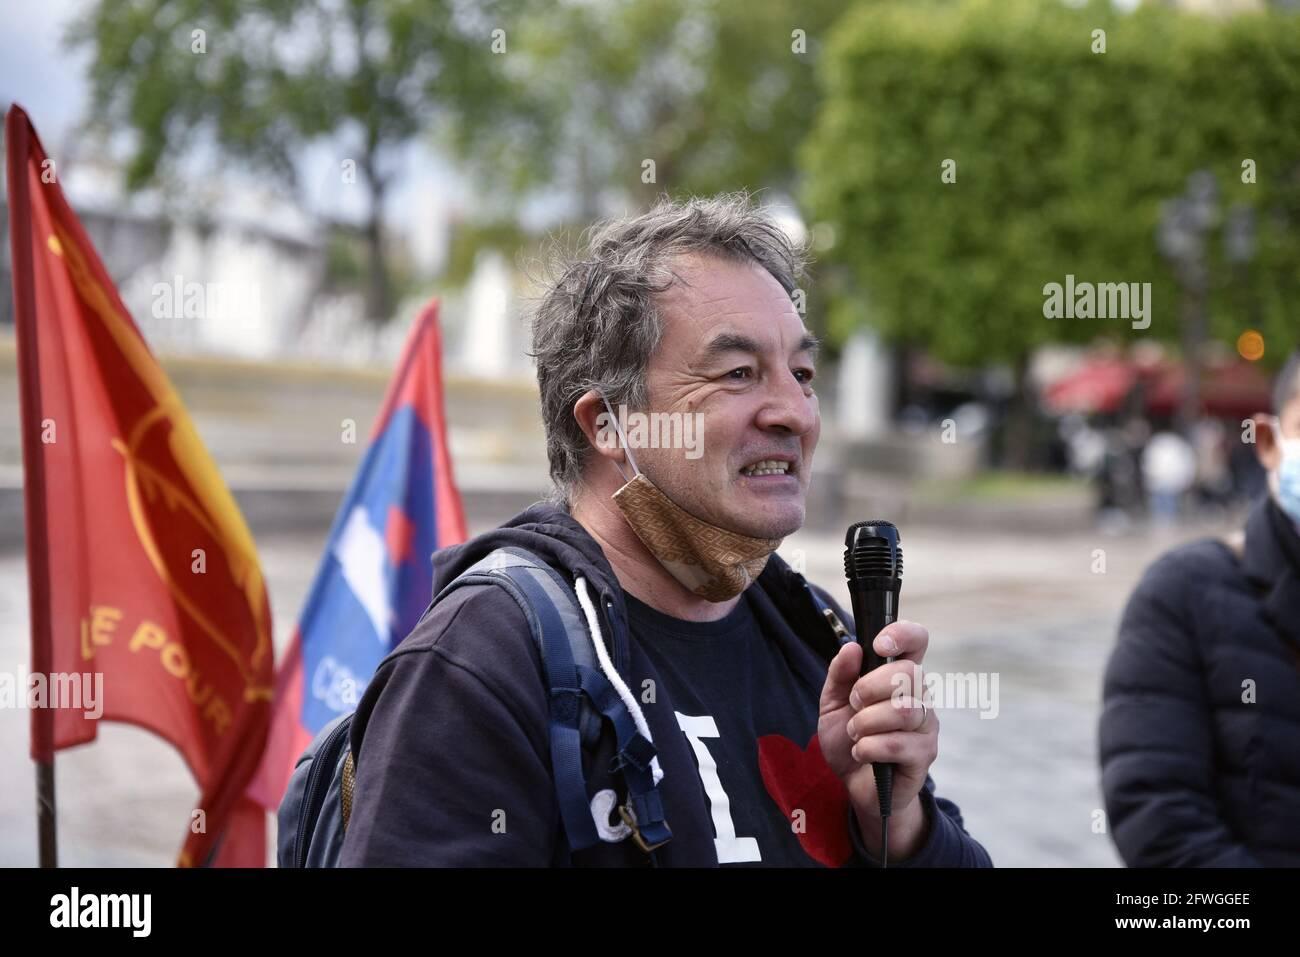 Der Mitbegründer der NGO Green Lotus, Jean-Marc Brulé, während der Kundgebung für eine Demokratie in Myanmar und gegen den Militärputsch am 22. Mai 2021 im Hôtel de Ville in Paris, Frankreich. Foto von Patrice Pierrot/Avenir Pictures/ABACAPRESS.COM Stockfoto